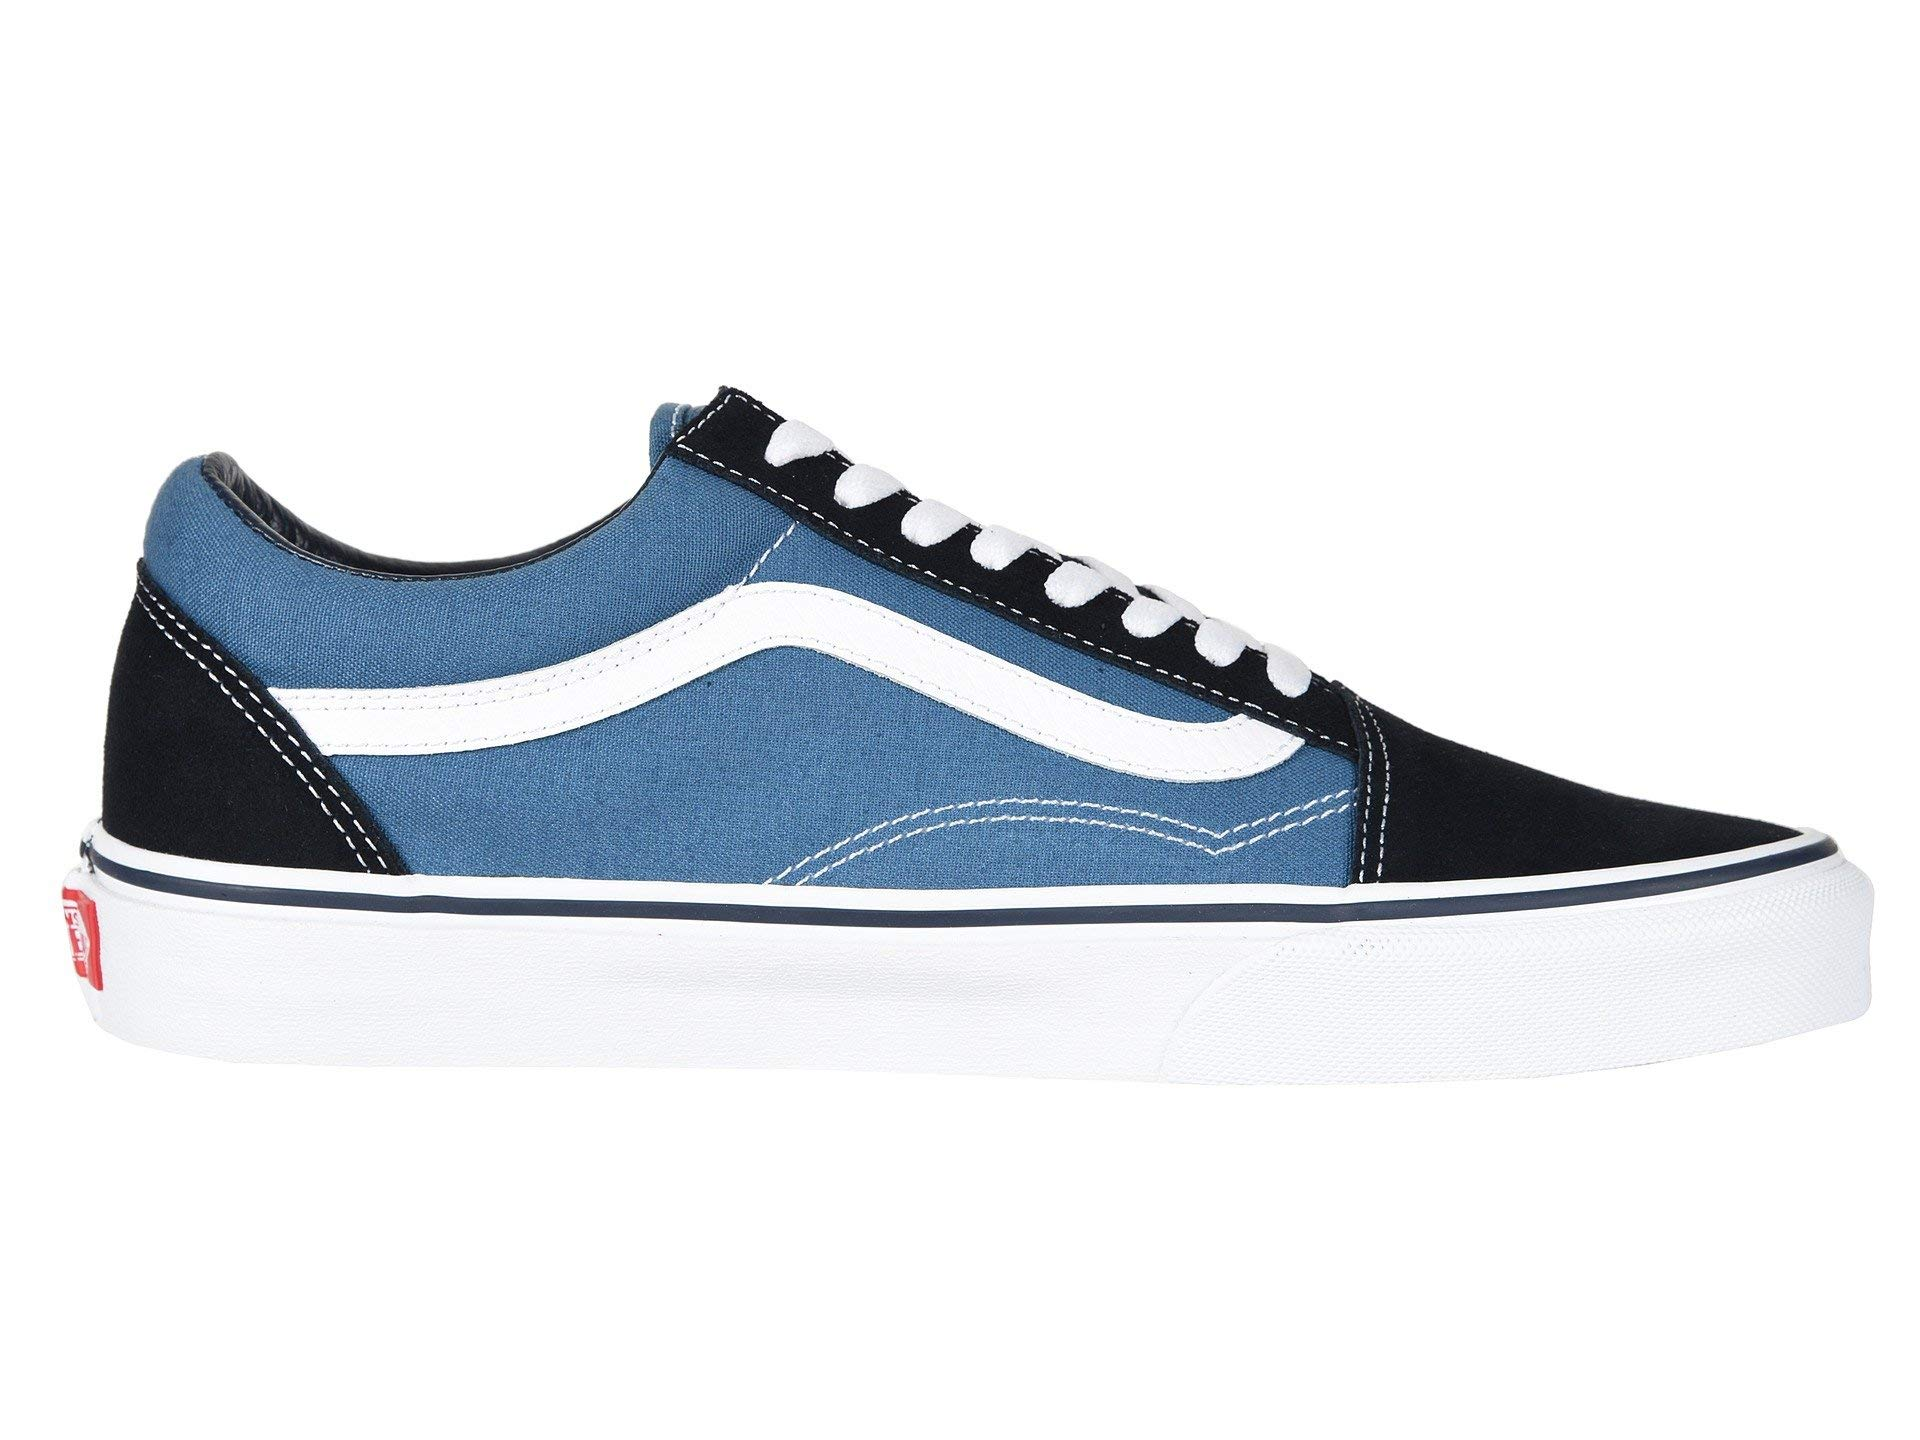 Vans Off The Wall Old Skool Sneakers (Navy) Men's Skateboarding Shoes by Vans (Image #6)